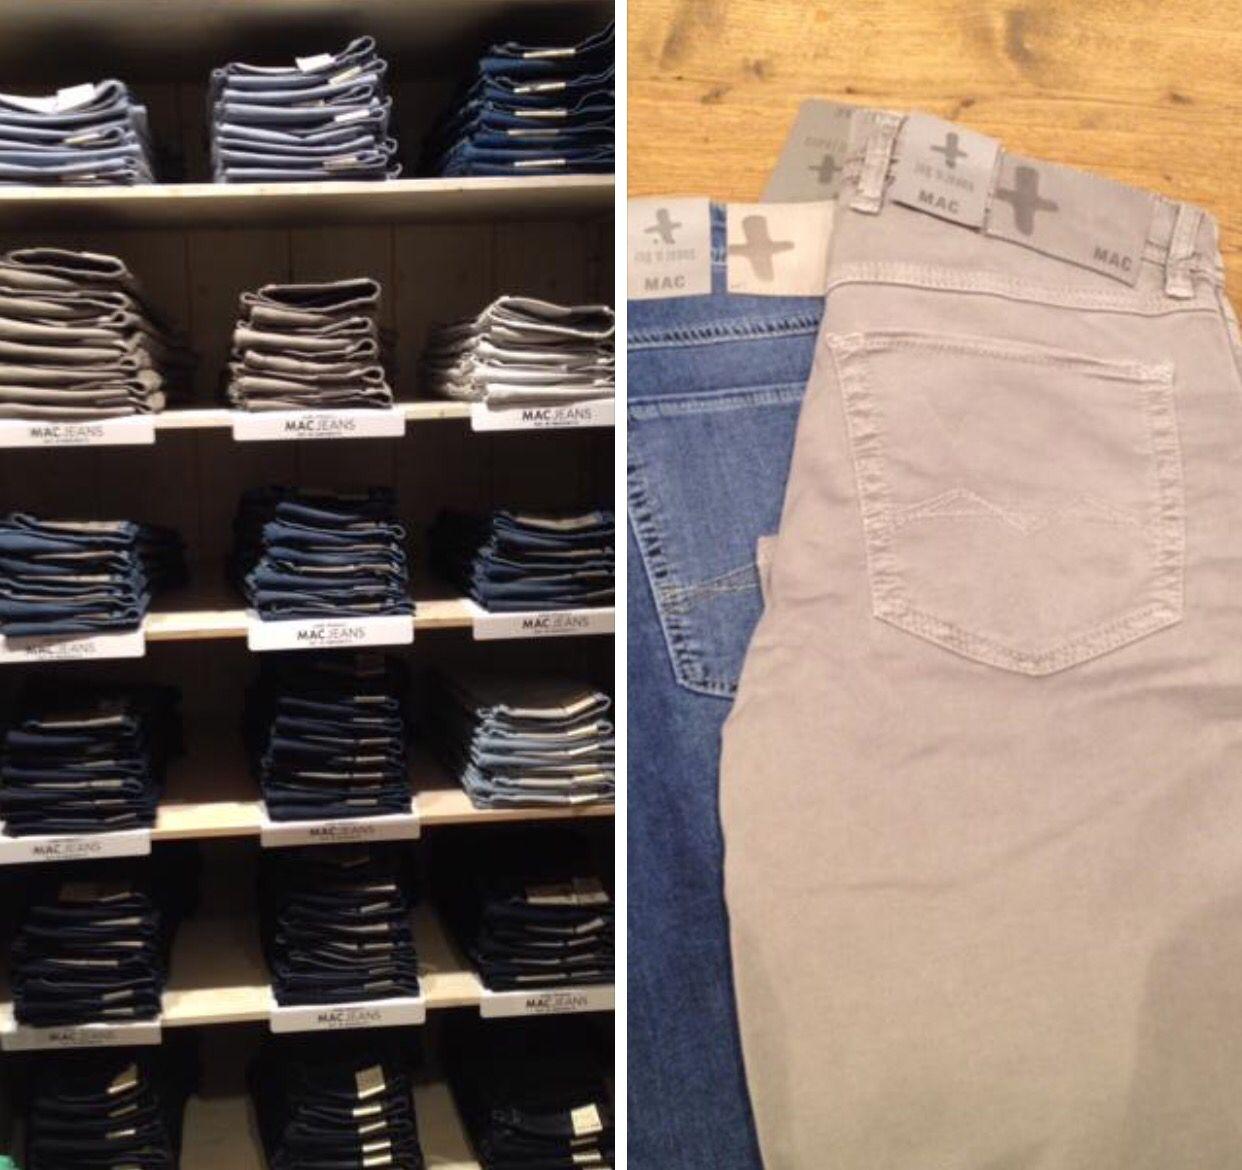 #RonaldHazenhoff Onze voorraad #MacJeans is weer op volle sterkte, nu ook meer kleuren Jog,n Jeans binnengekomen. Een aantal is seizoensvoorraad dus Op is Op, Weg is pech. #Haverstraatpassage #Herenmode #Enschede